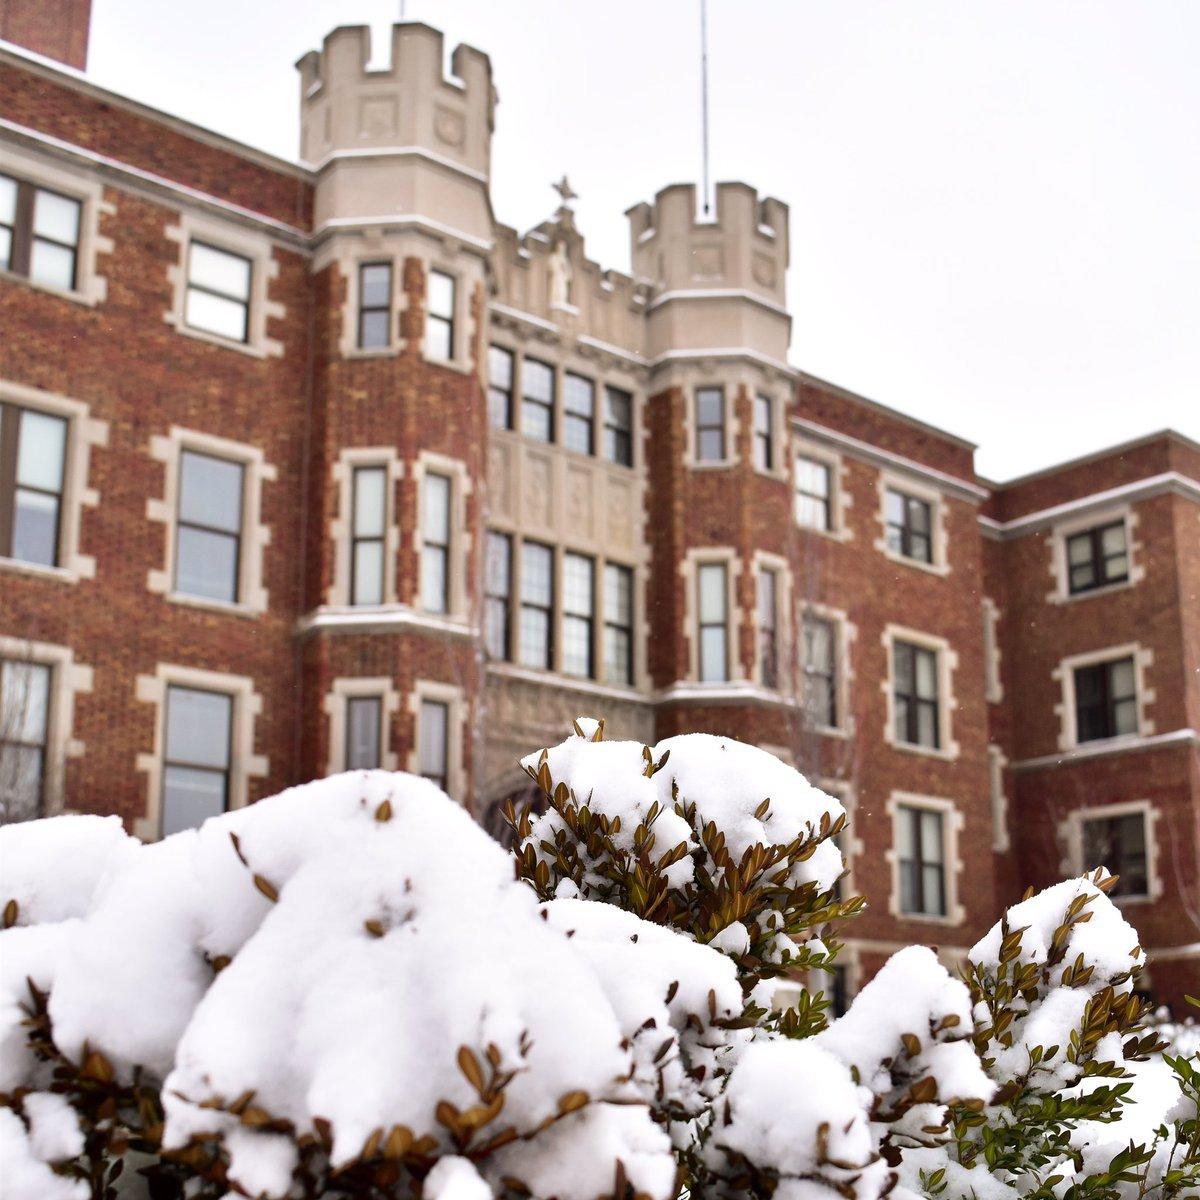 Benedictine College's photo on Snow Day